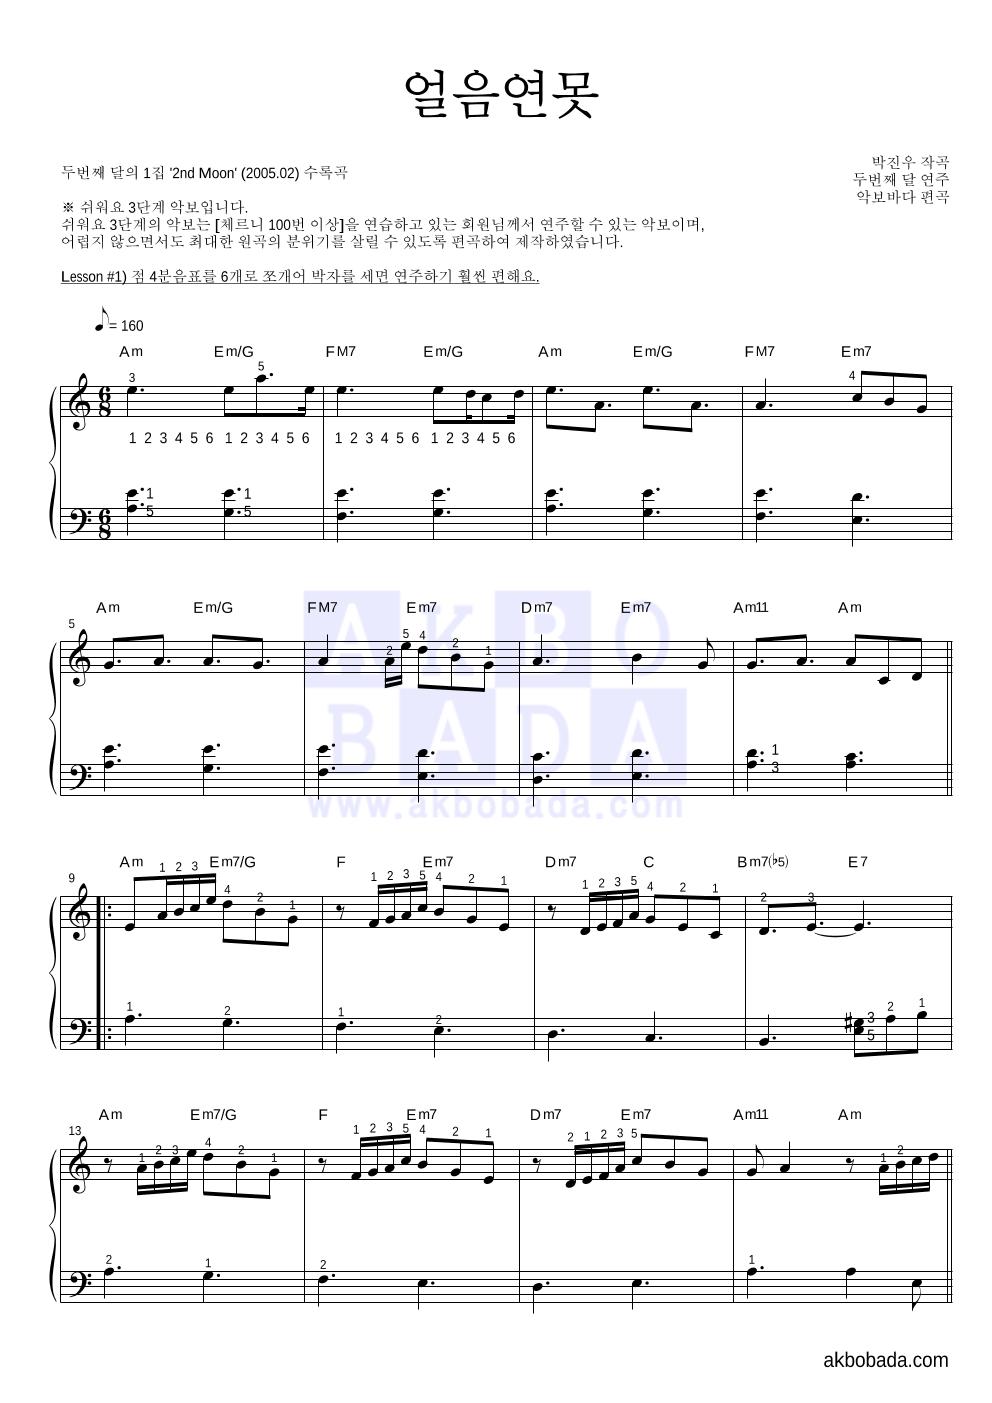 두번째 달 - 얼음연못 피아노2단-쉬워요 악보